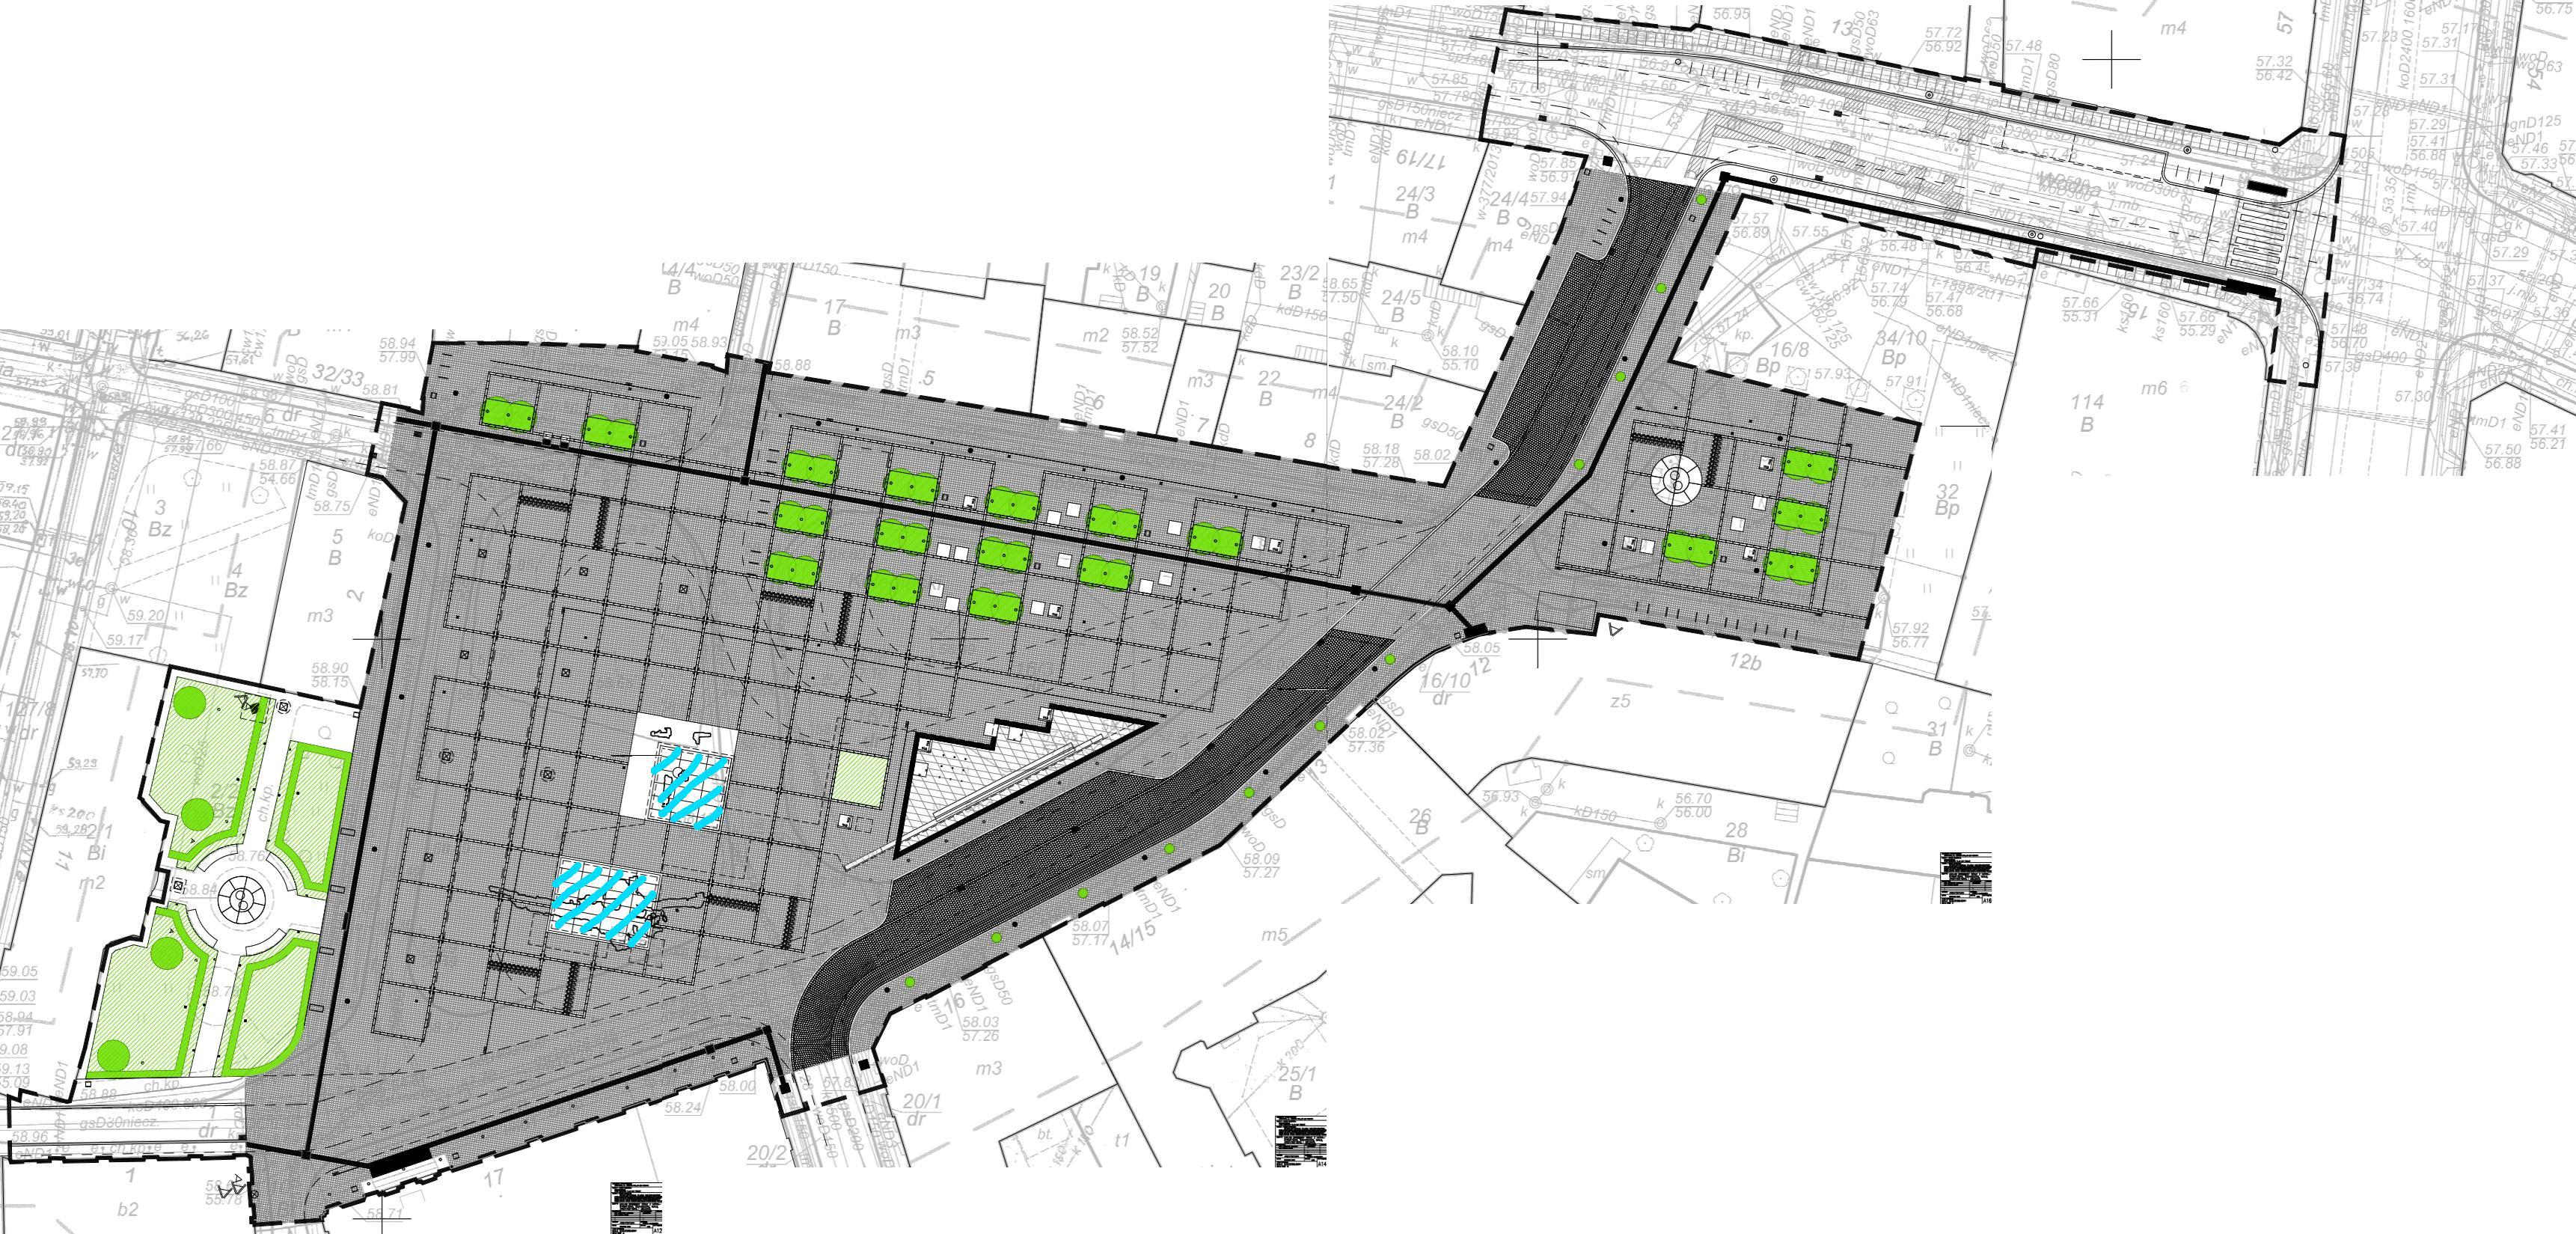 Plac Kolegiacki Poznań przebudowa projekt